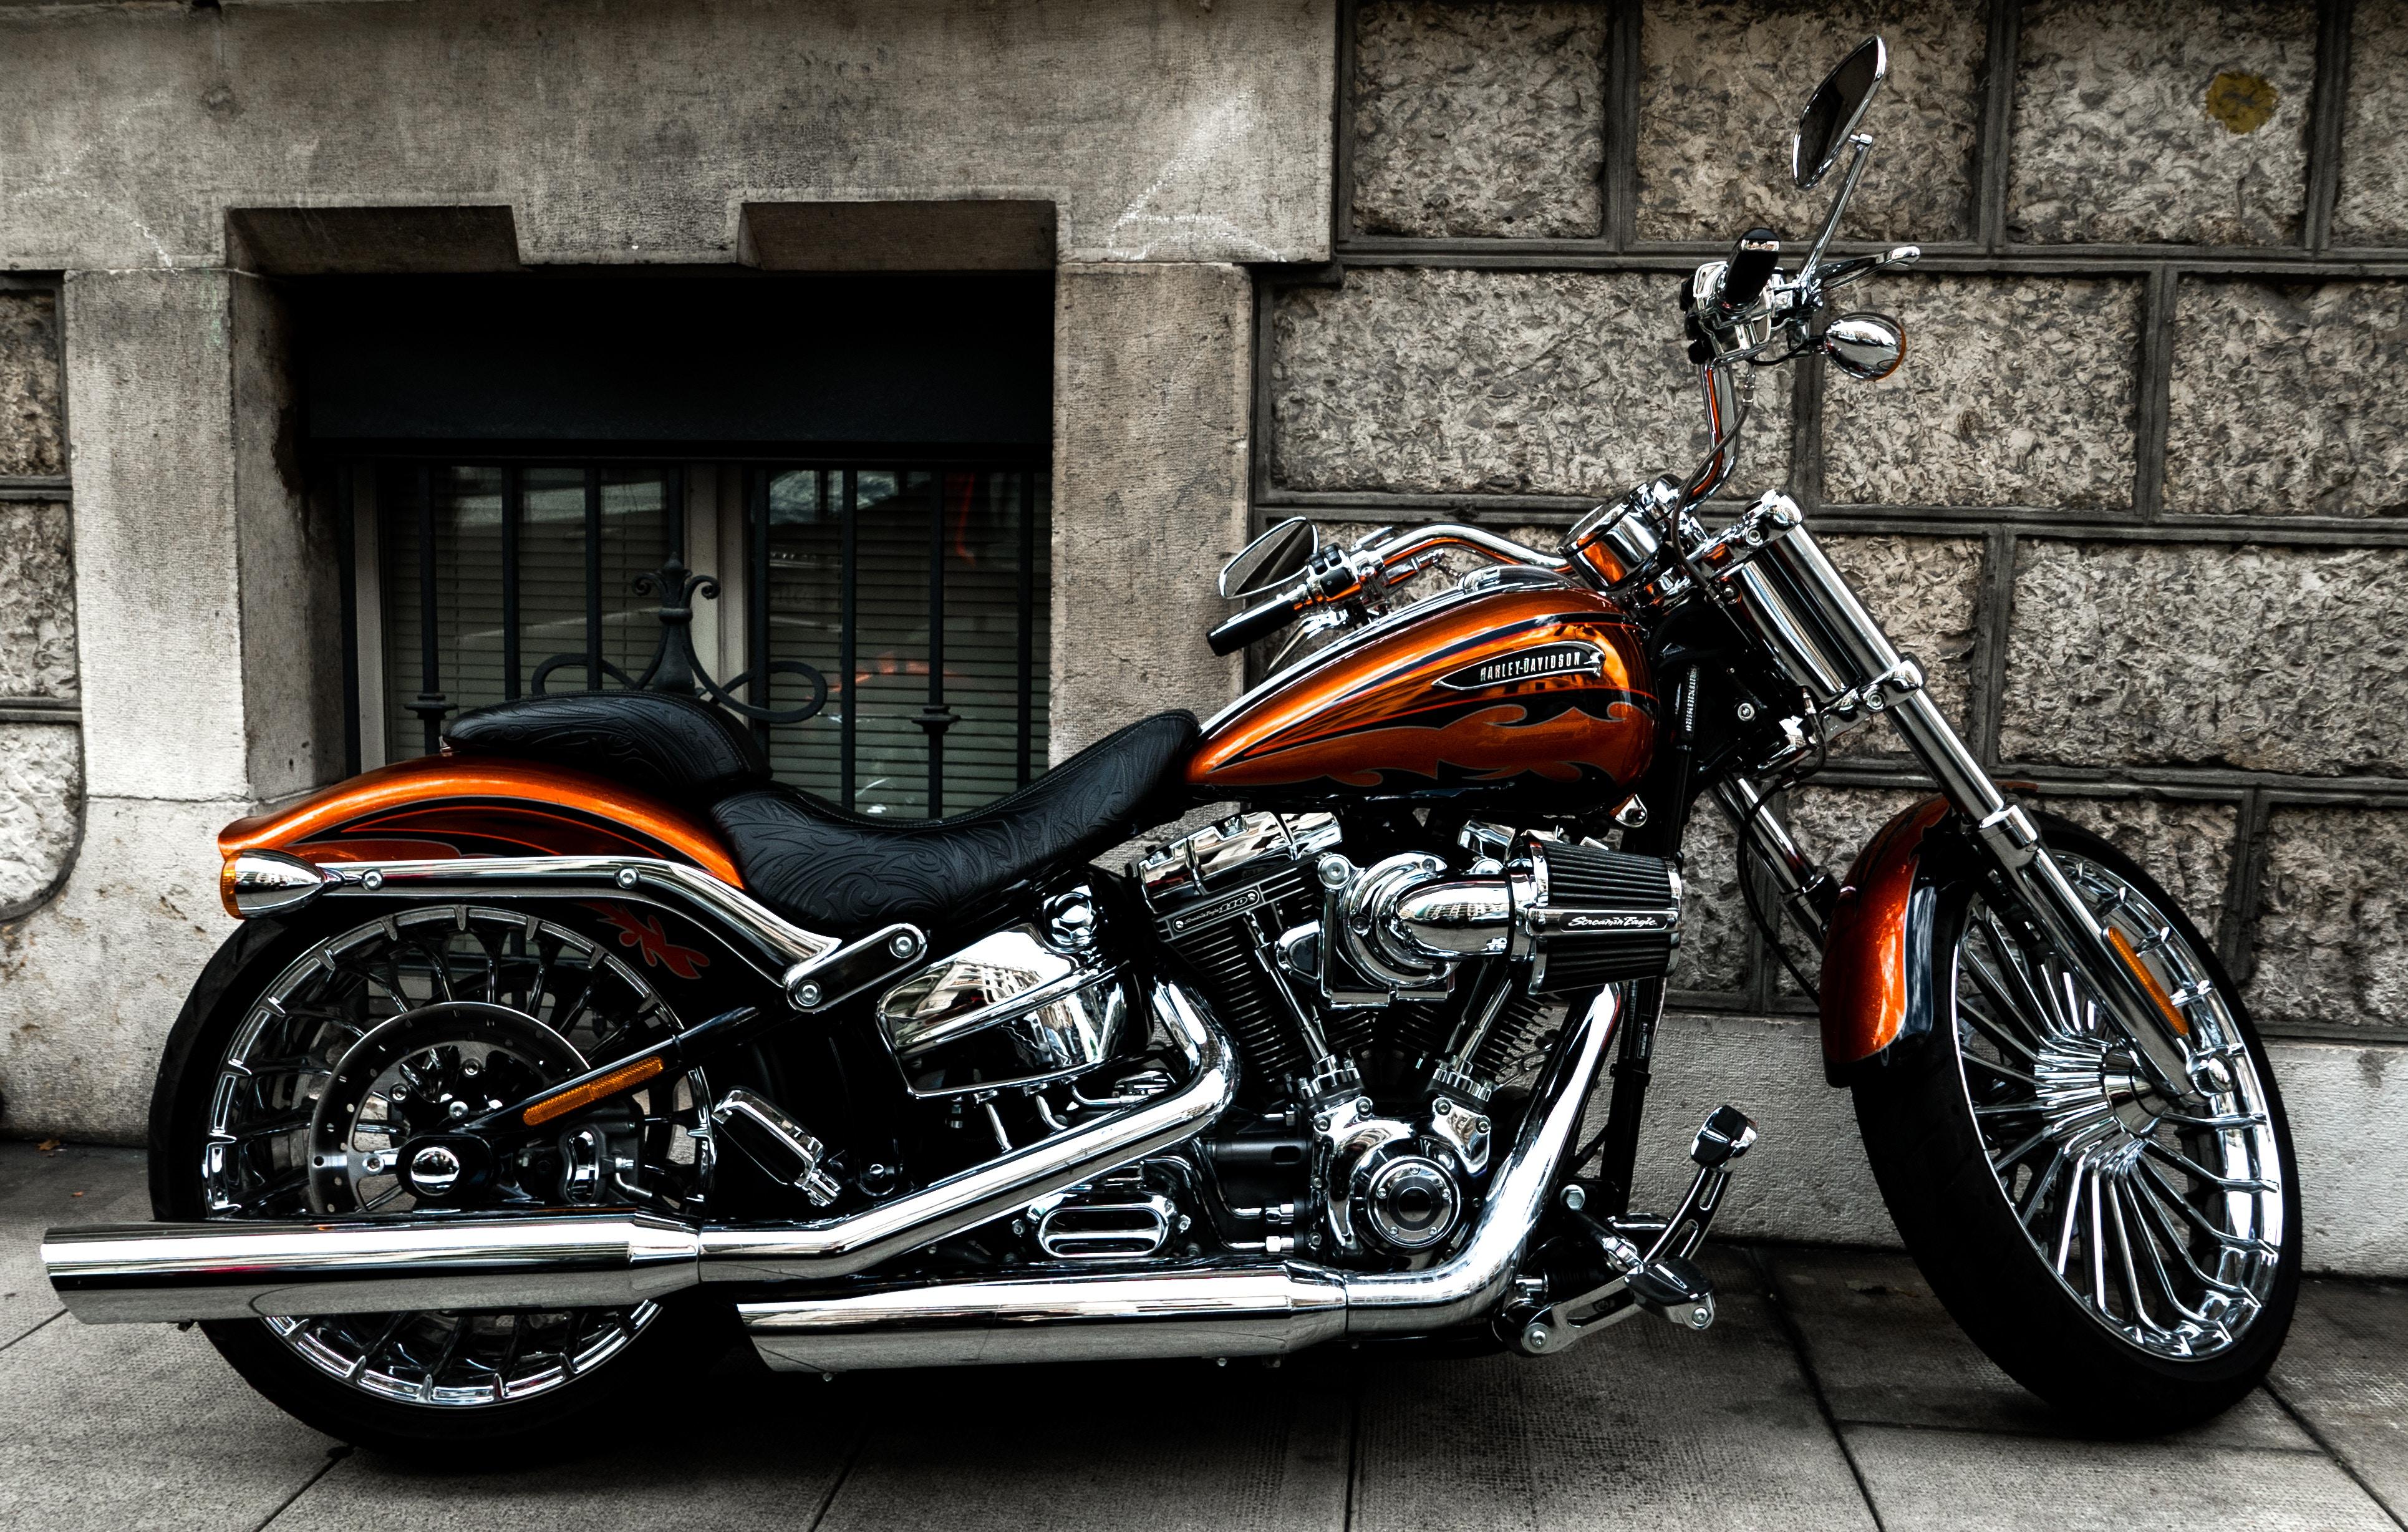 51301 Hintergrundbild herunterladen Motorräder, Seitenansicht, Motorrad, Fahrrad, Rad - Bildschirmschoner und Bilder kostenlos